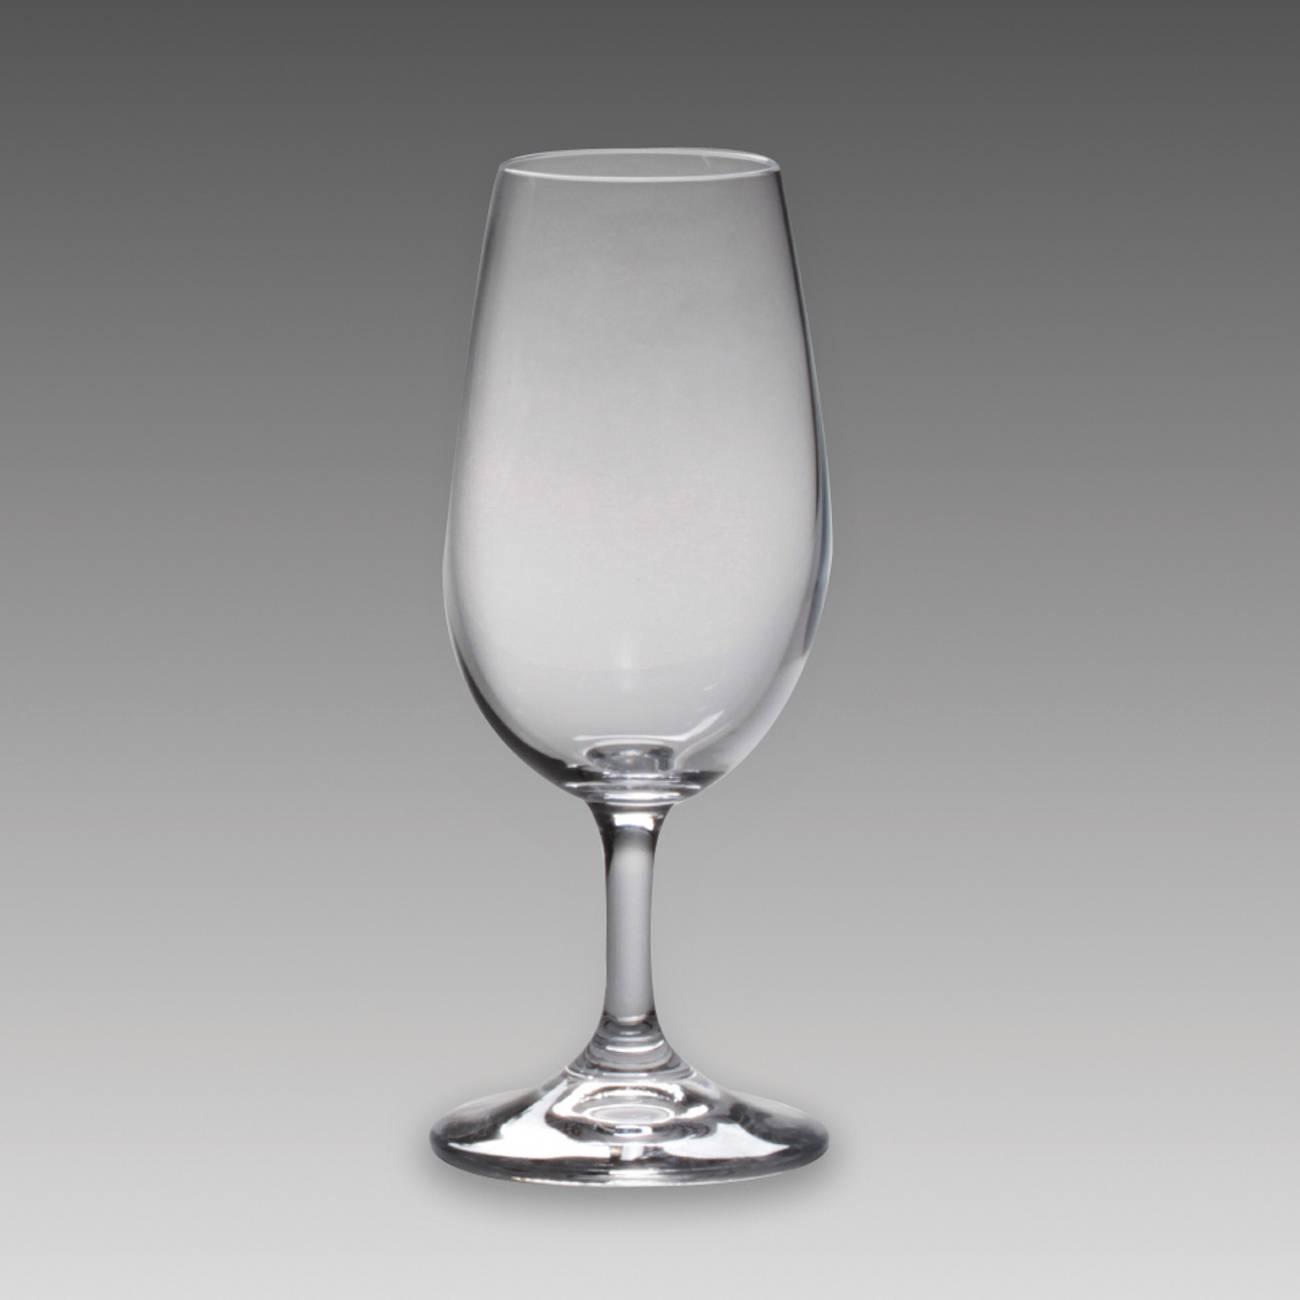 Conjunto de Taças para Vinho do Porto Gastro - 6 Peças - 210 ml - em Cristal - Bohemia